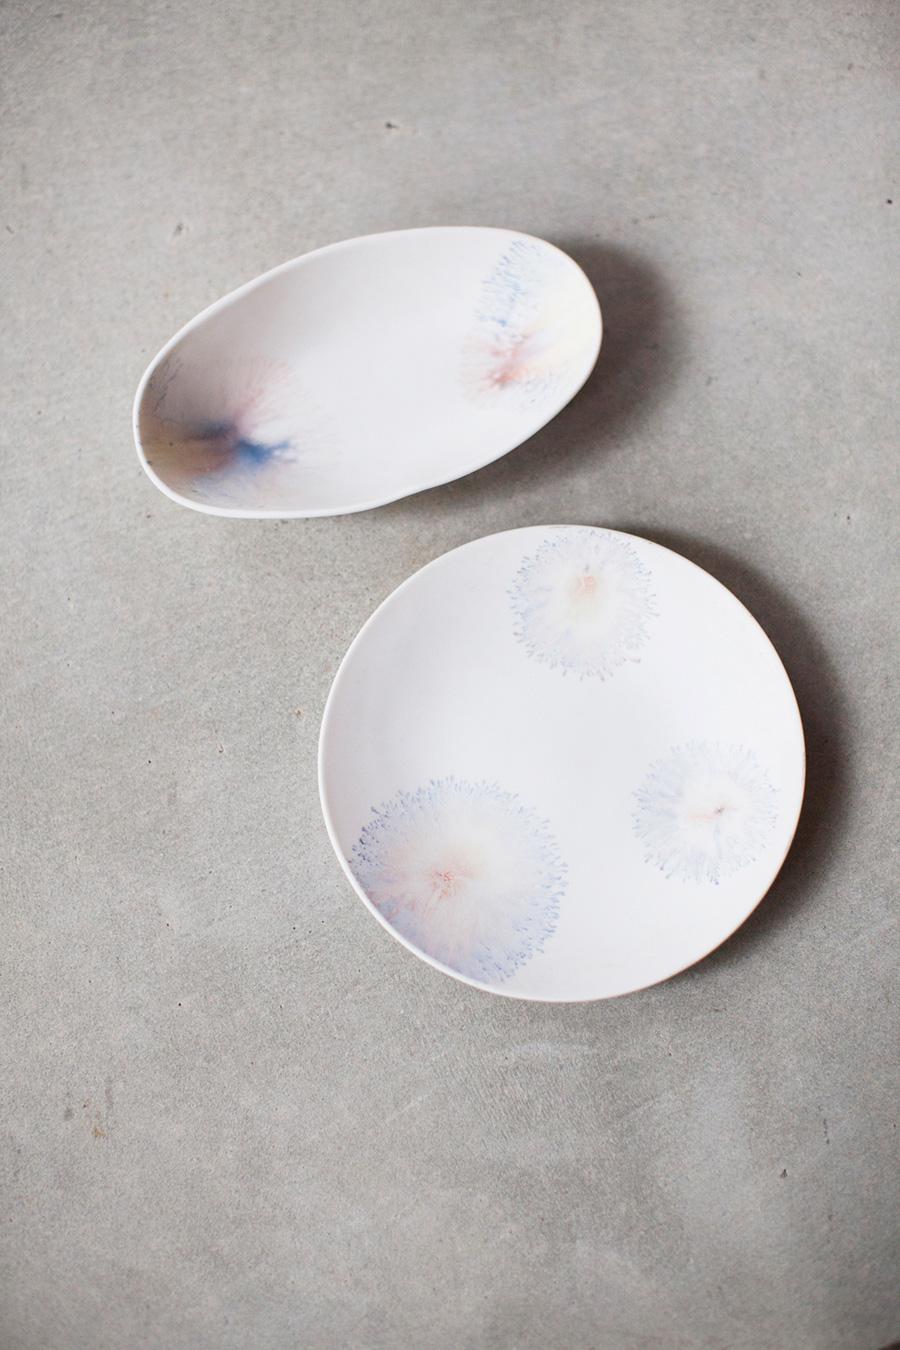 イギリスの19世紀の技法「モカウェア」でつくった片瀬有美子さんの作品。焼く前の素地に絵具を混ぜた液体を垂らすことで、複雑で繊細な模様を描き出している。